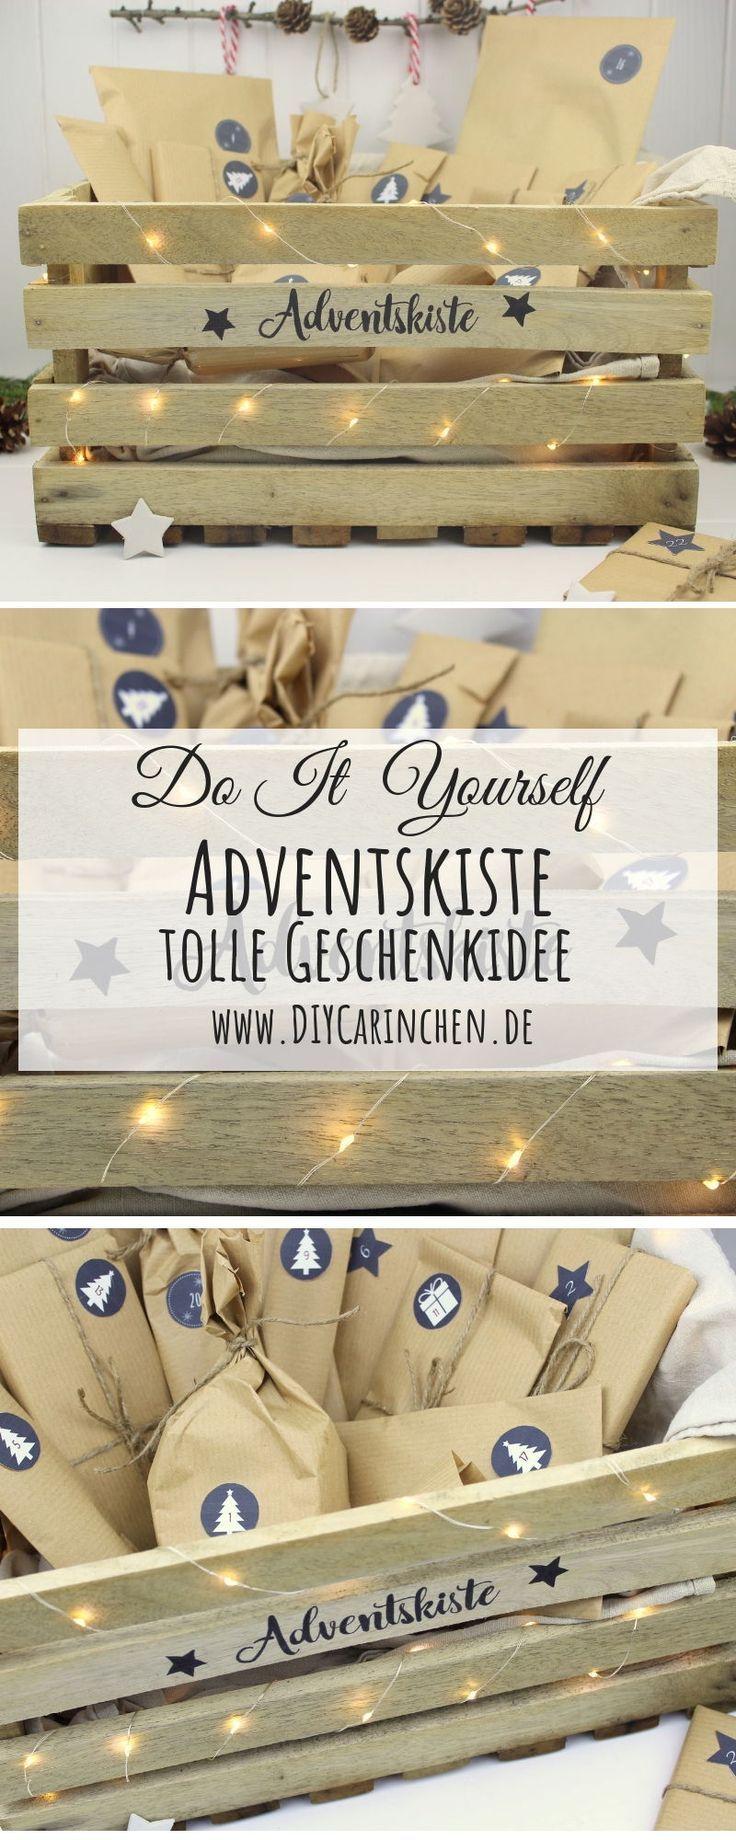 DIY – Adventskiste, Adventskalender in einer Kiste selber machen